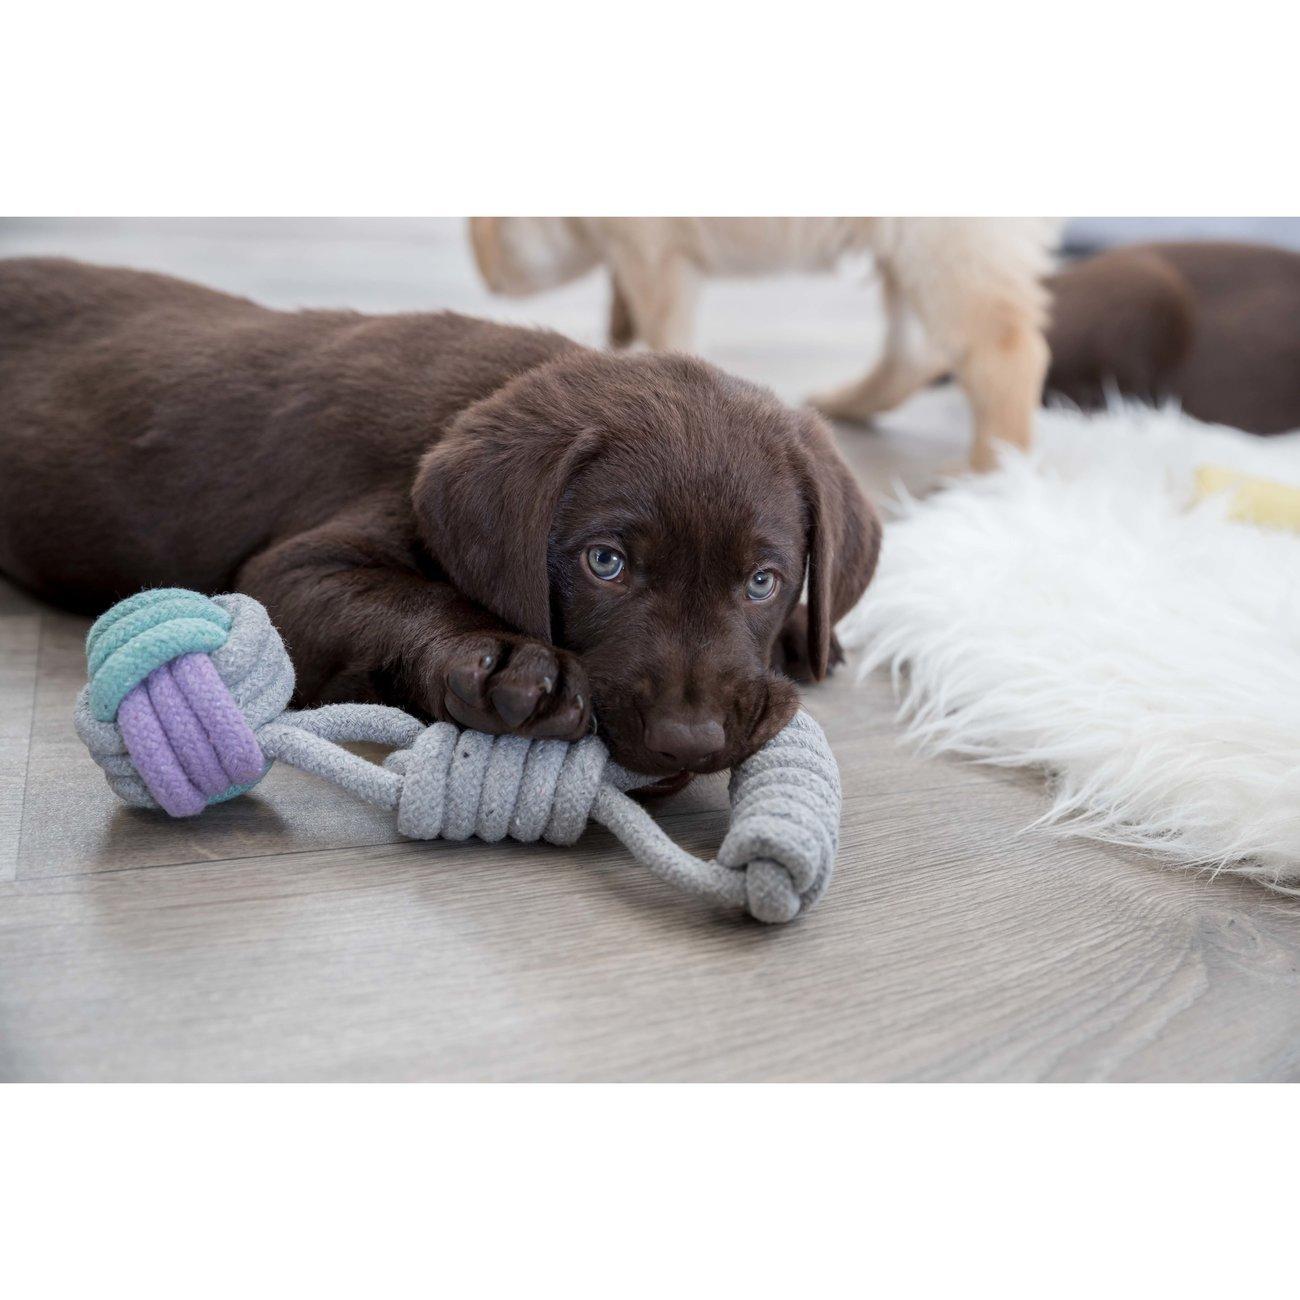 TRIXIE Hundespielzeug Spieltau mit Handschlaufe 32813, Bild 2